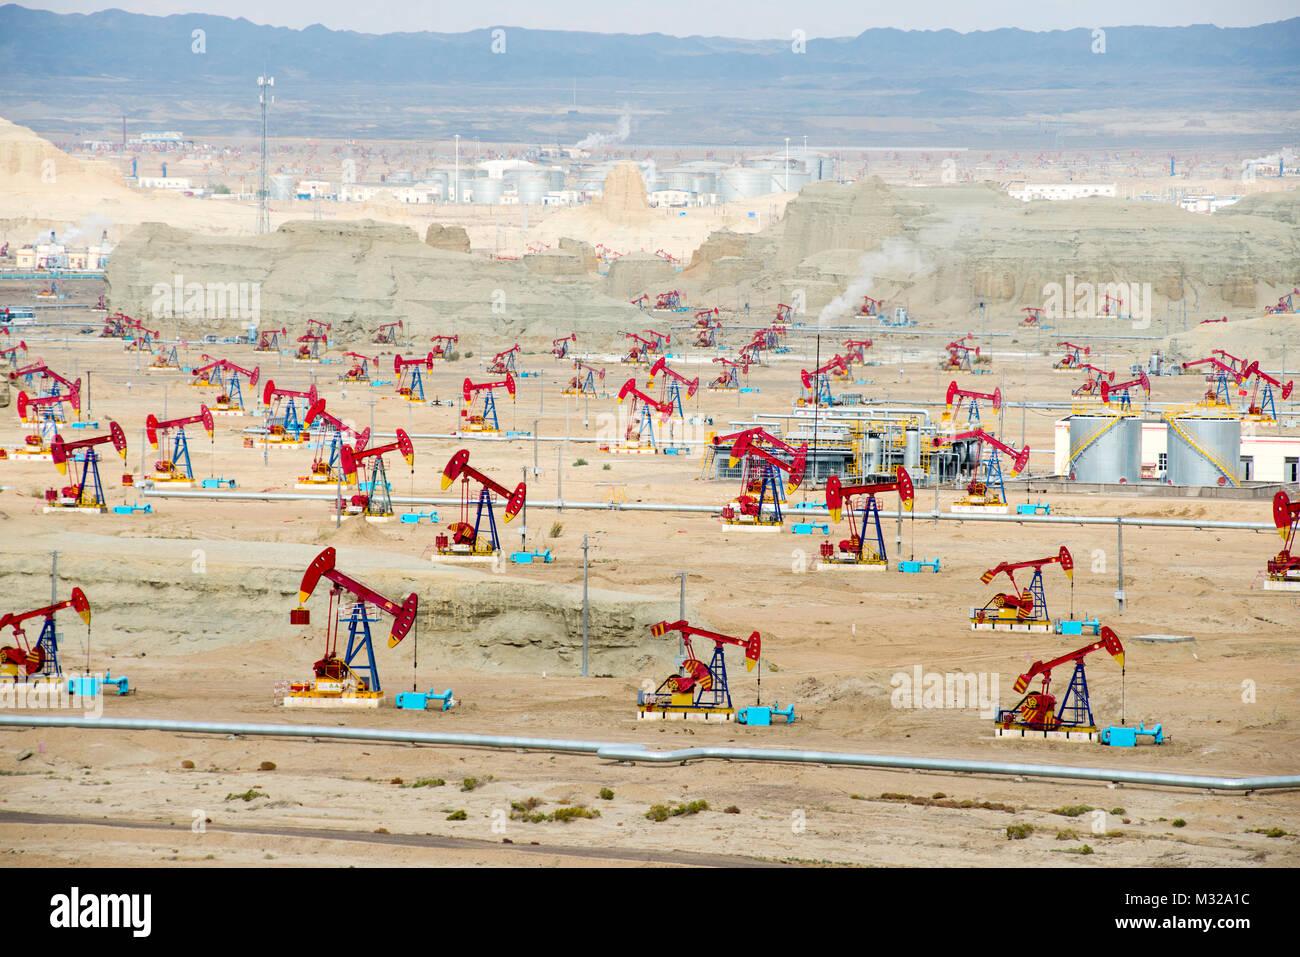 Xinjiang Karamay Fengcheng Oilfield - Stock Image